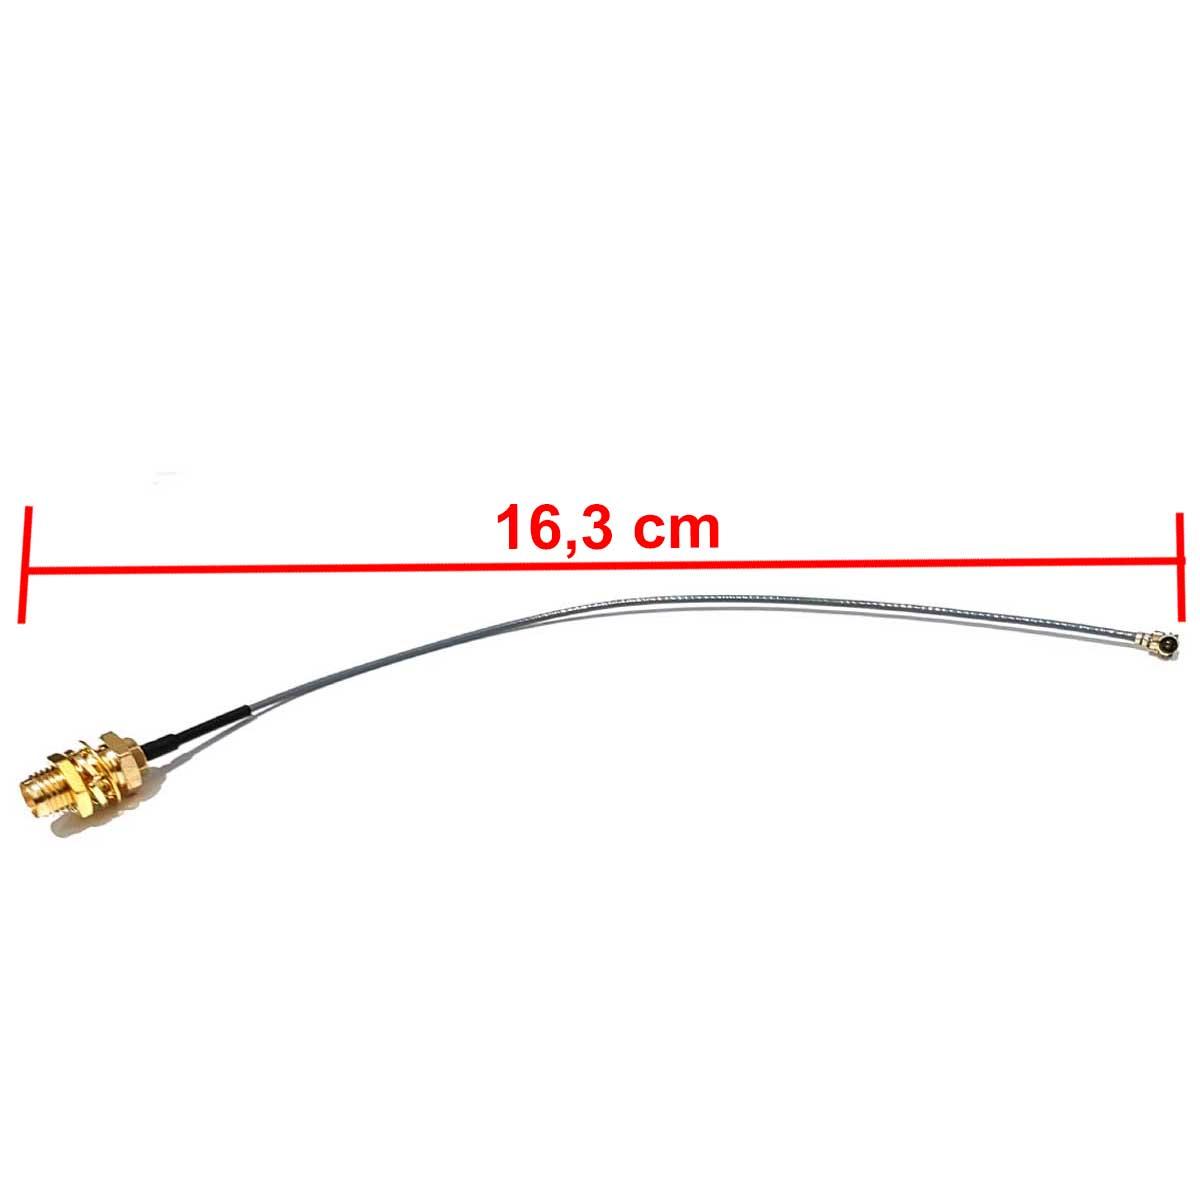 2x Antena Wifi para Módulo Esp8266 Esp NRF24L01